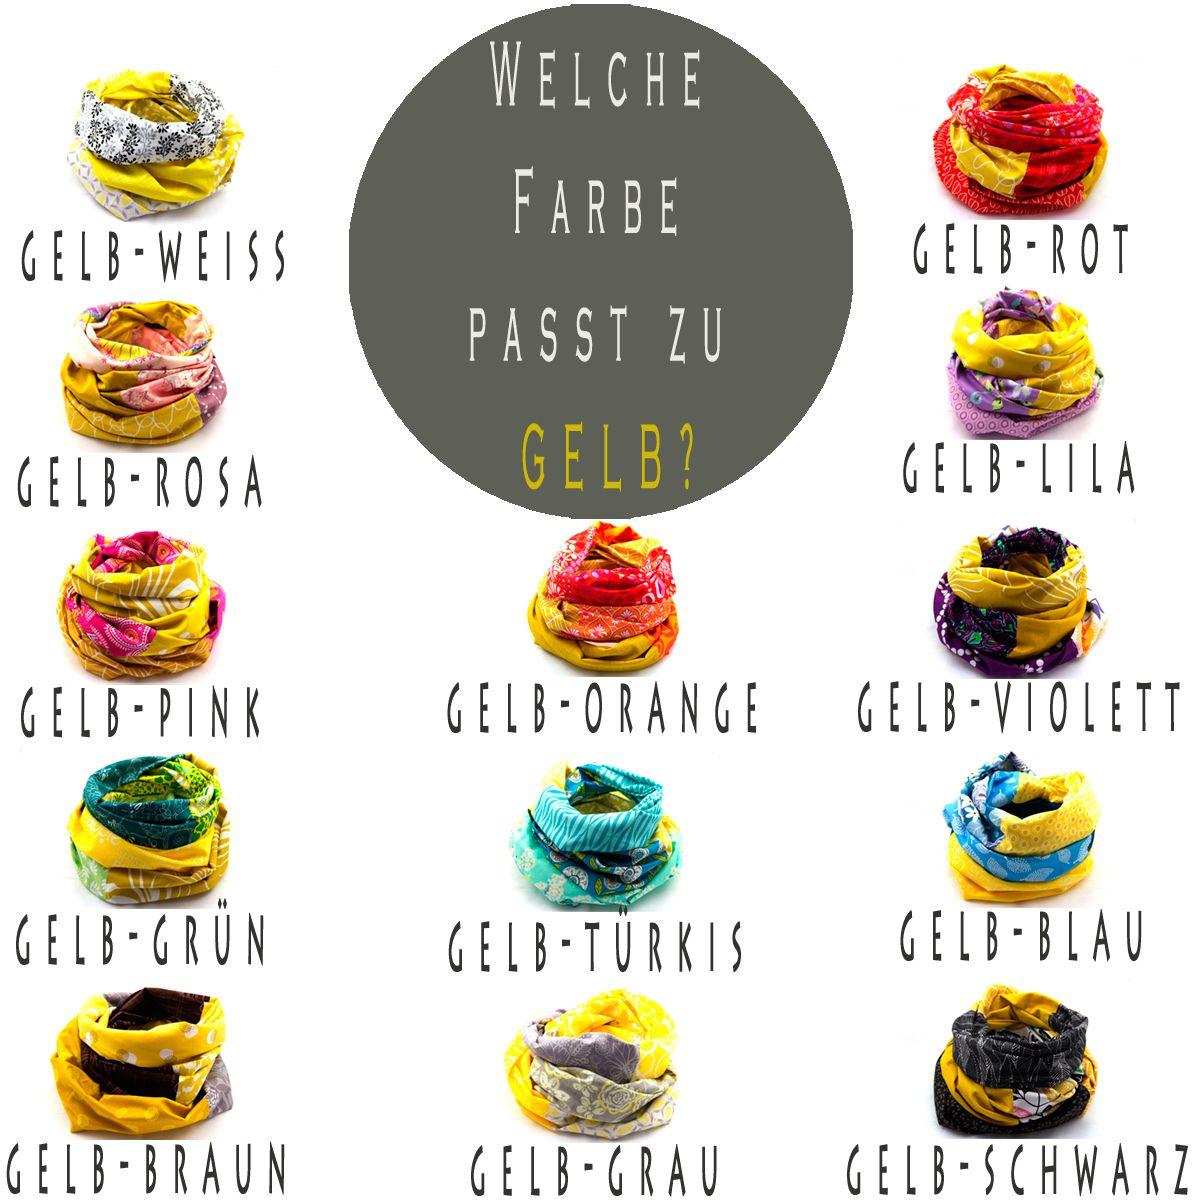 Welche Farbe Passt Zu Gelb Wohnideen Und: Welche Farbe Passt Zu Gelb * Loop Schals Und Tücher